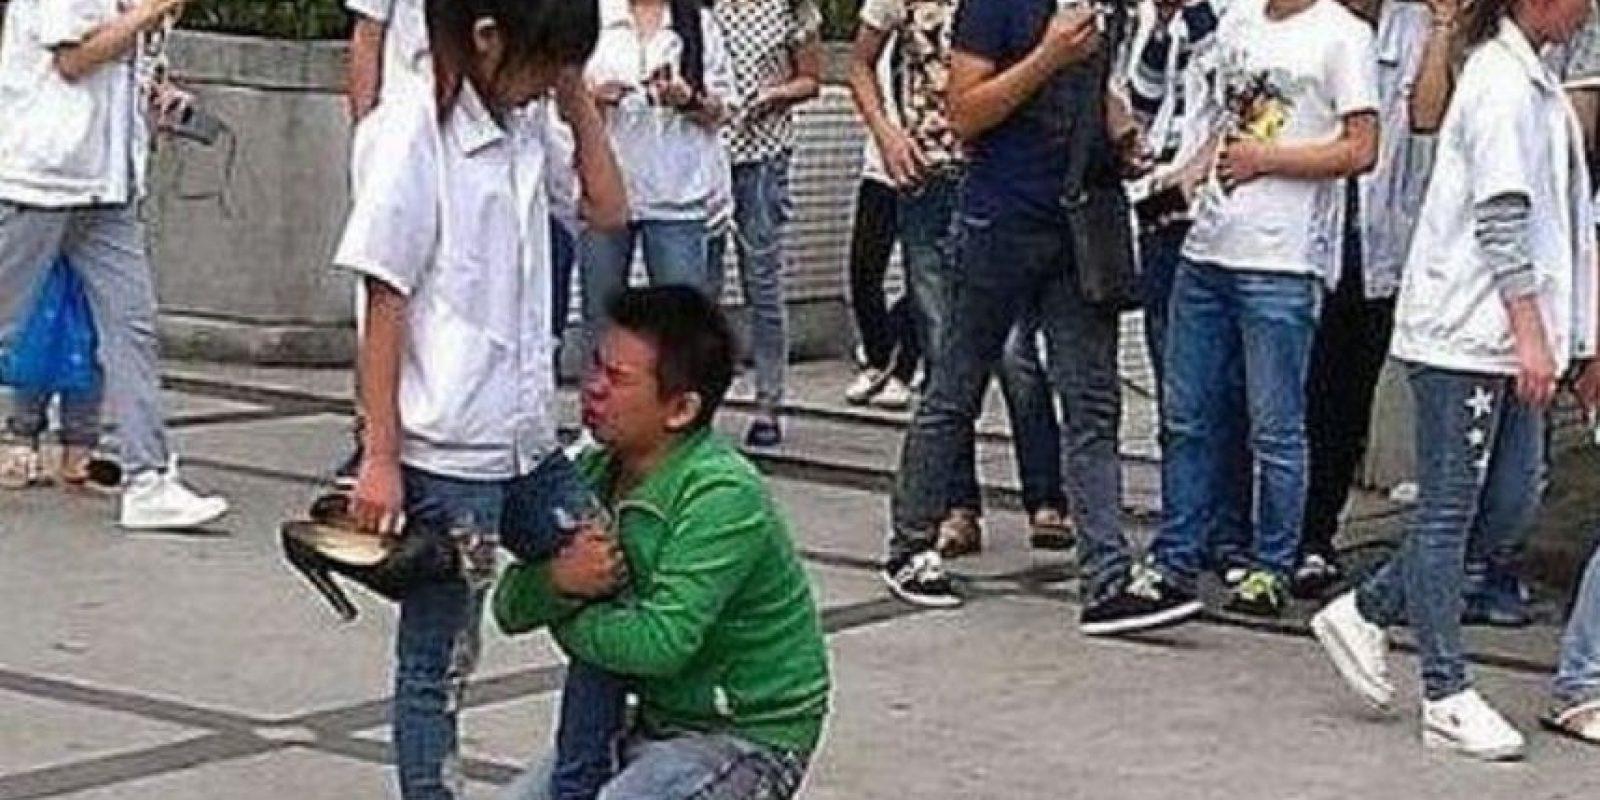 Ruega, niño. Ruega. Y cámbiate de colegio si puedes. Foto:Weibo